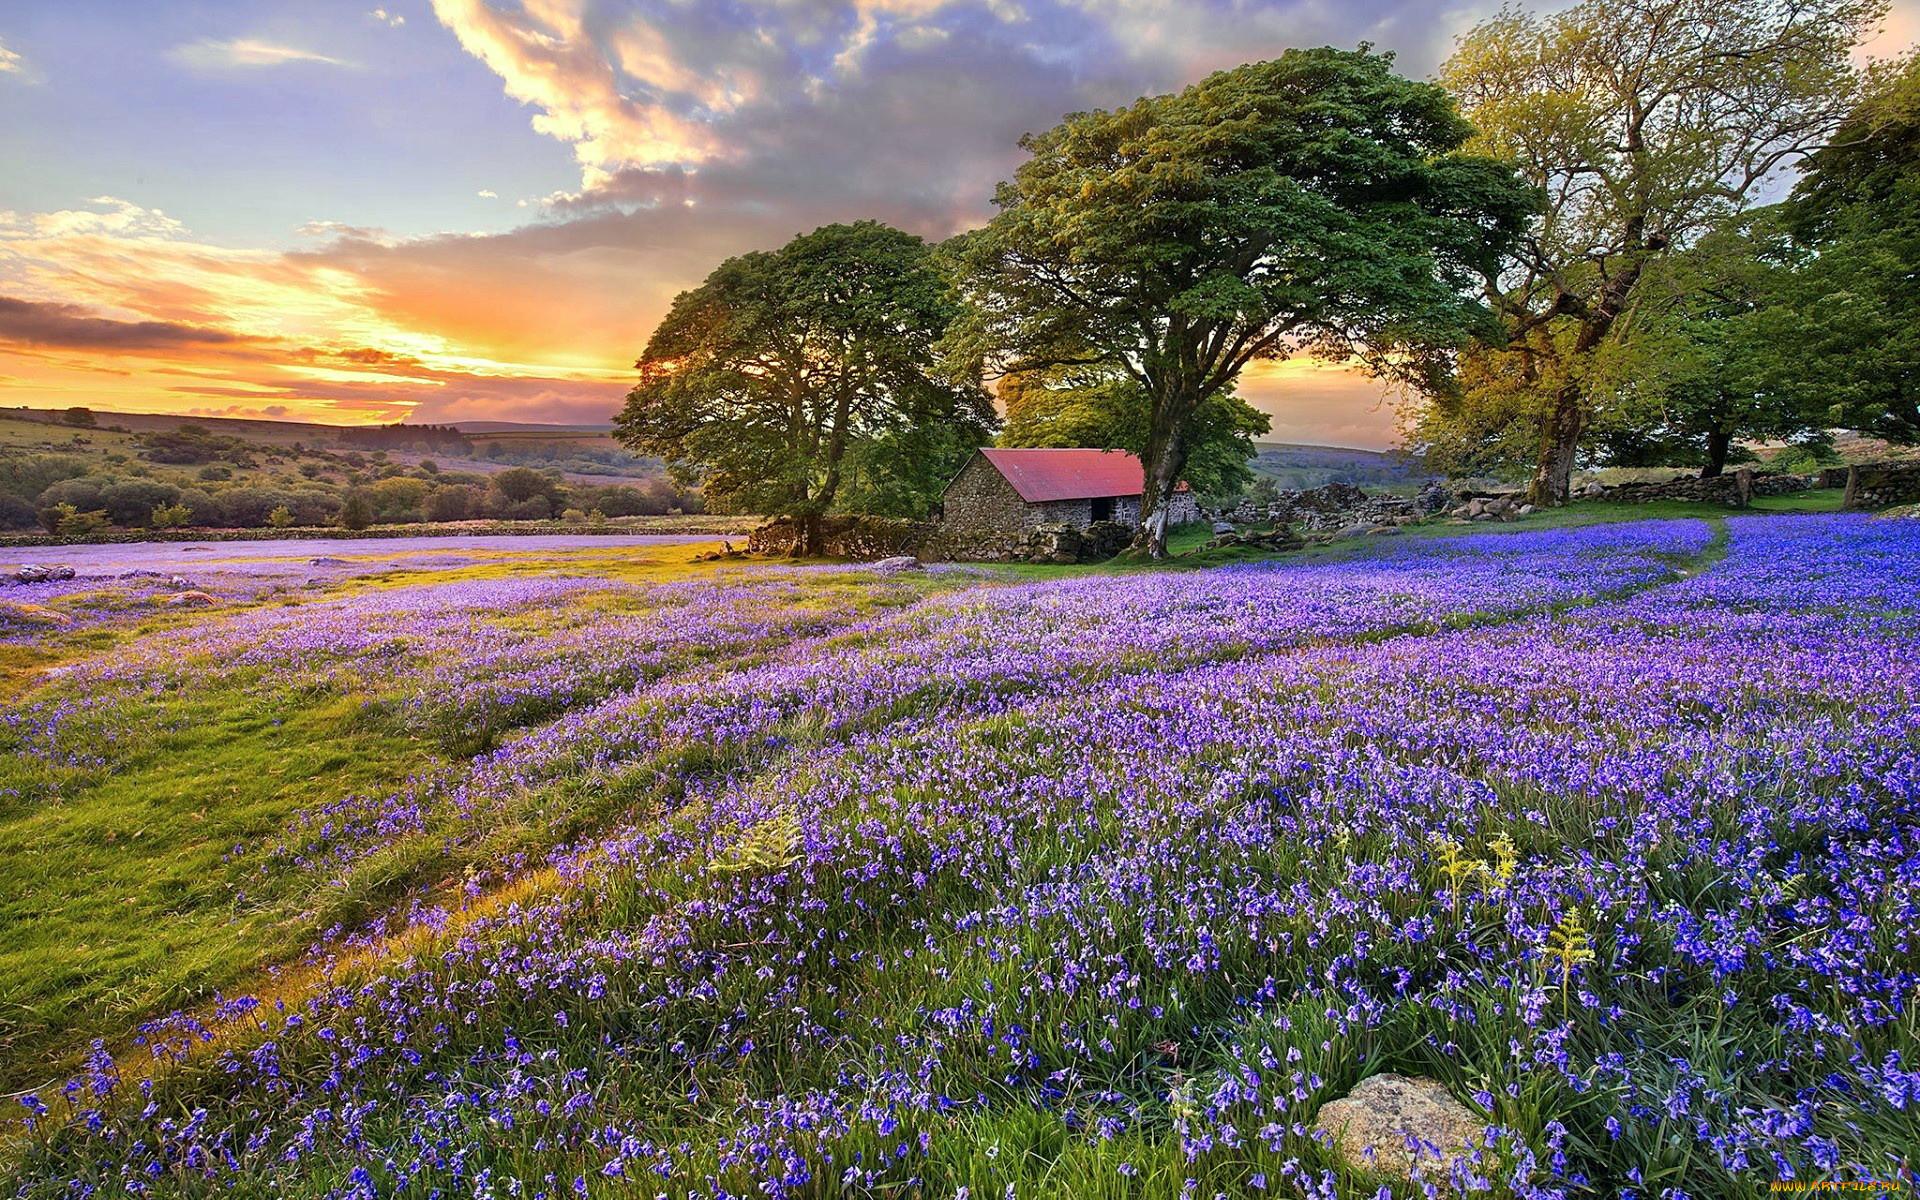 дом луг цветы фото секретами